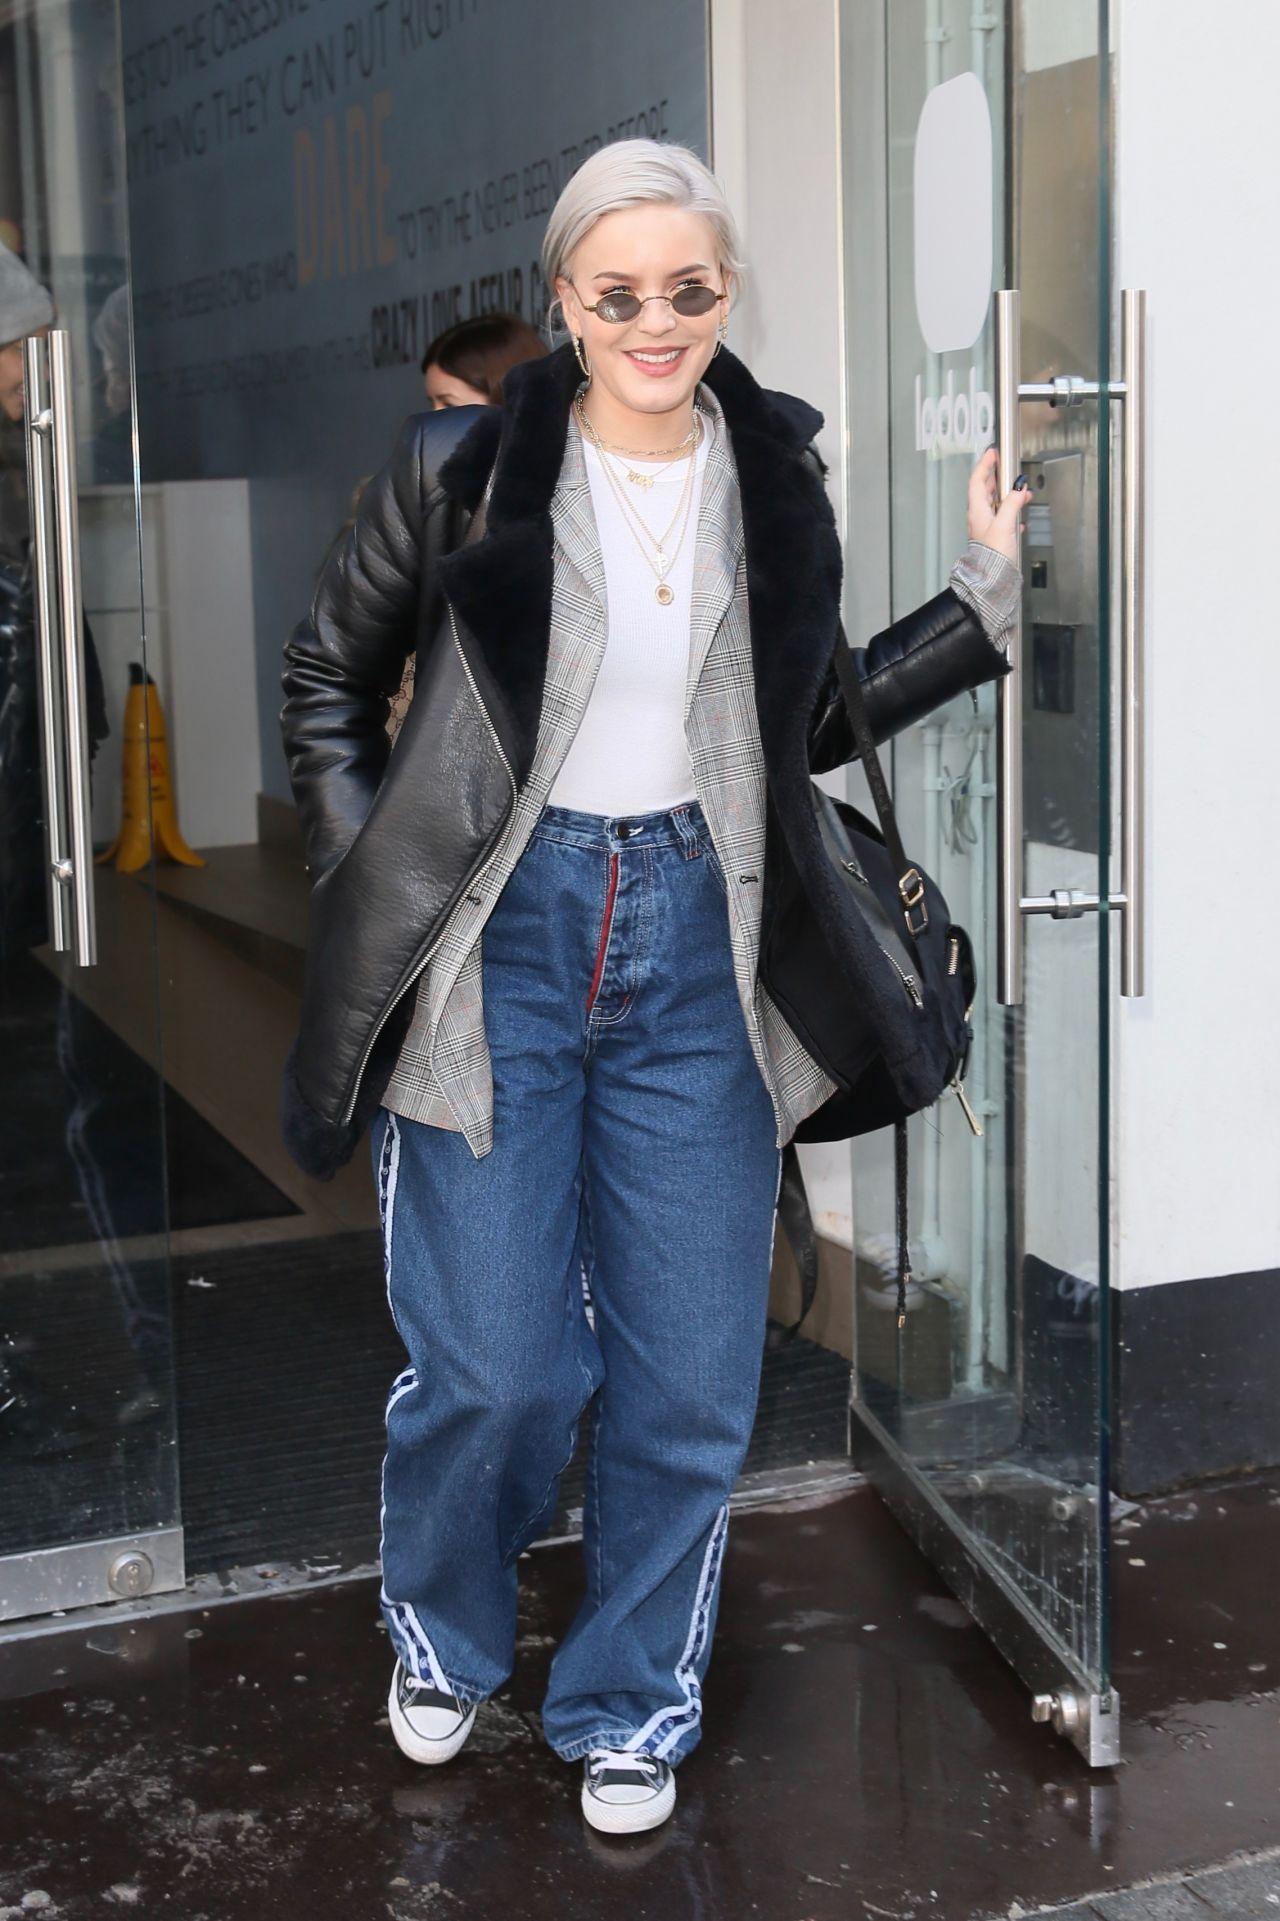 AnneMarie in Casual Outfit  Leaving Global Studios in London 02282018